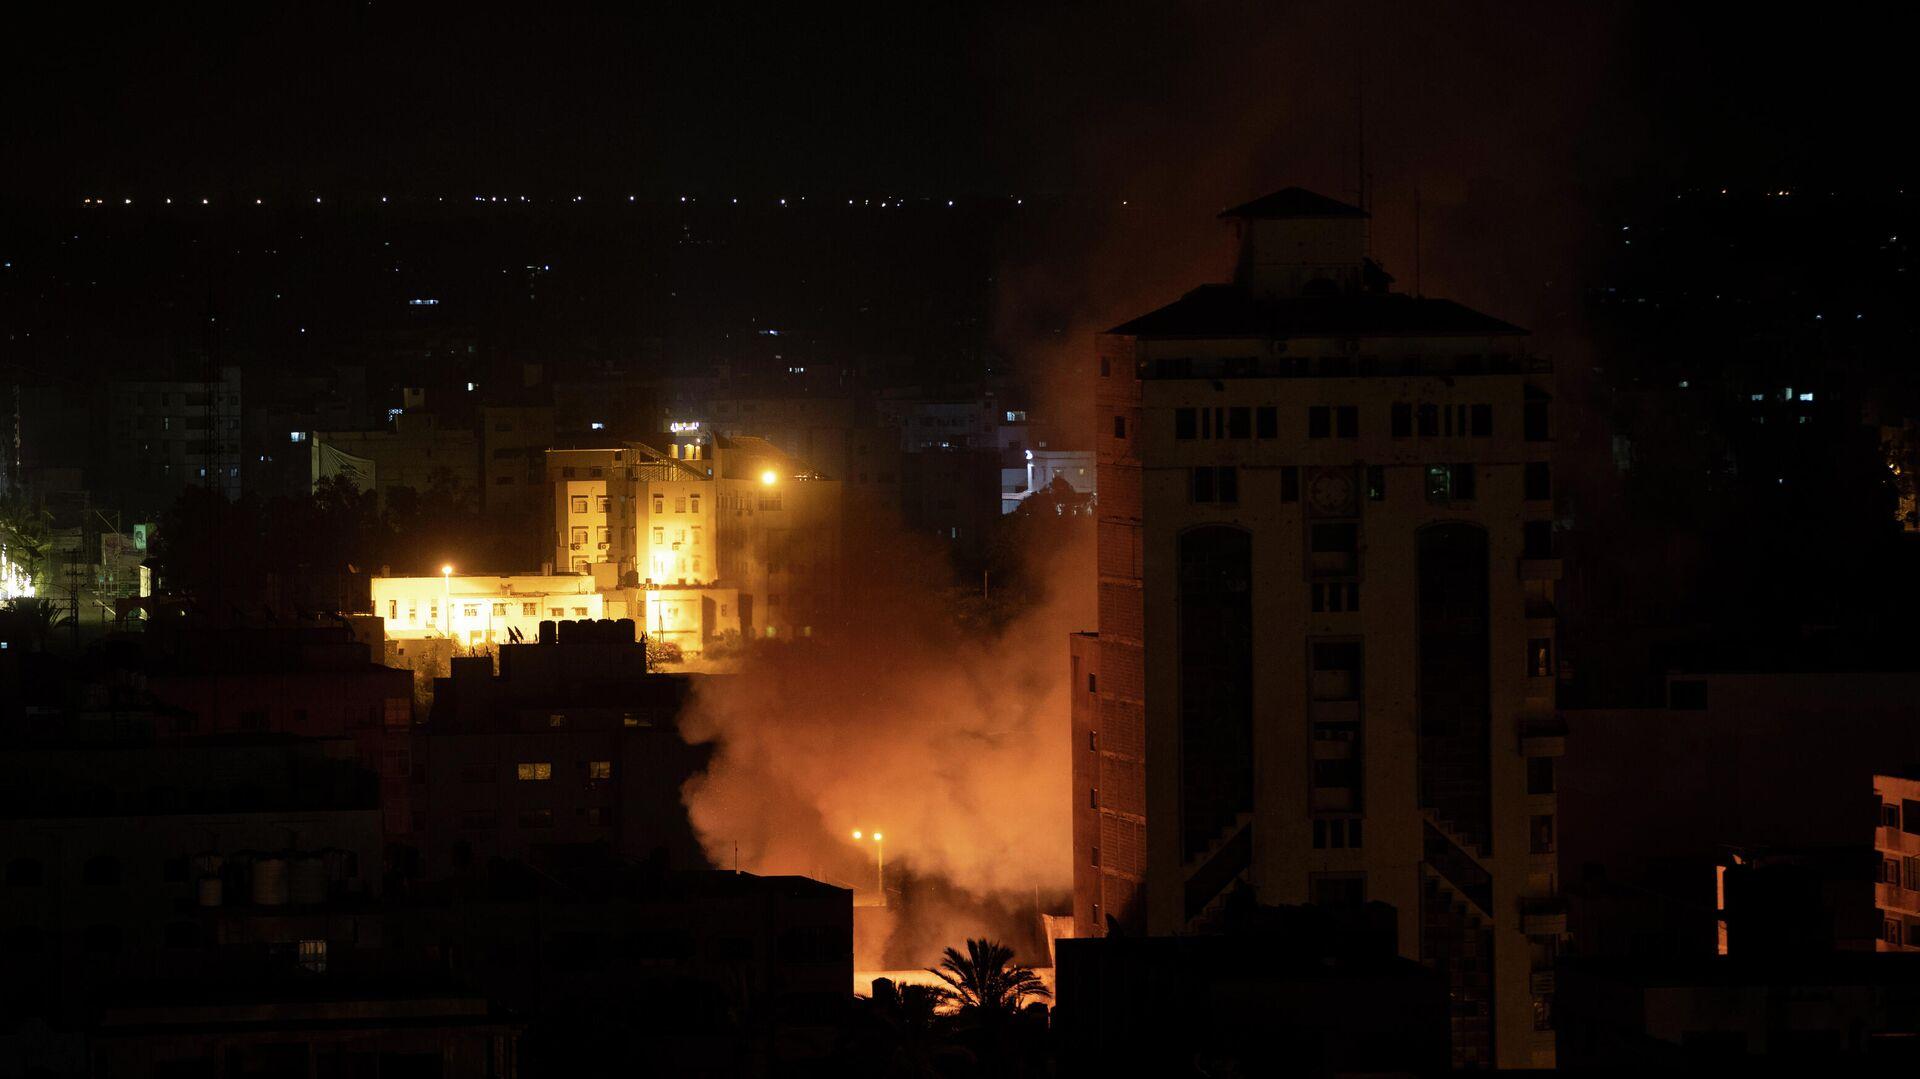 Ракетный удар Израиля по территории сектора Газа. 14 мая 2021 - РИА Новости, 1920, 14.05.2021